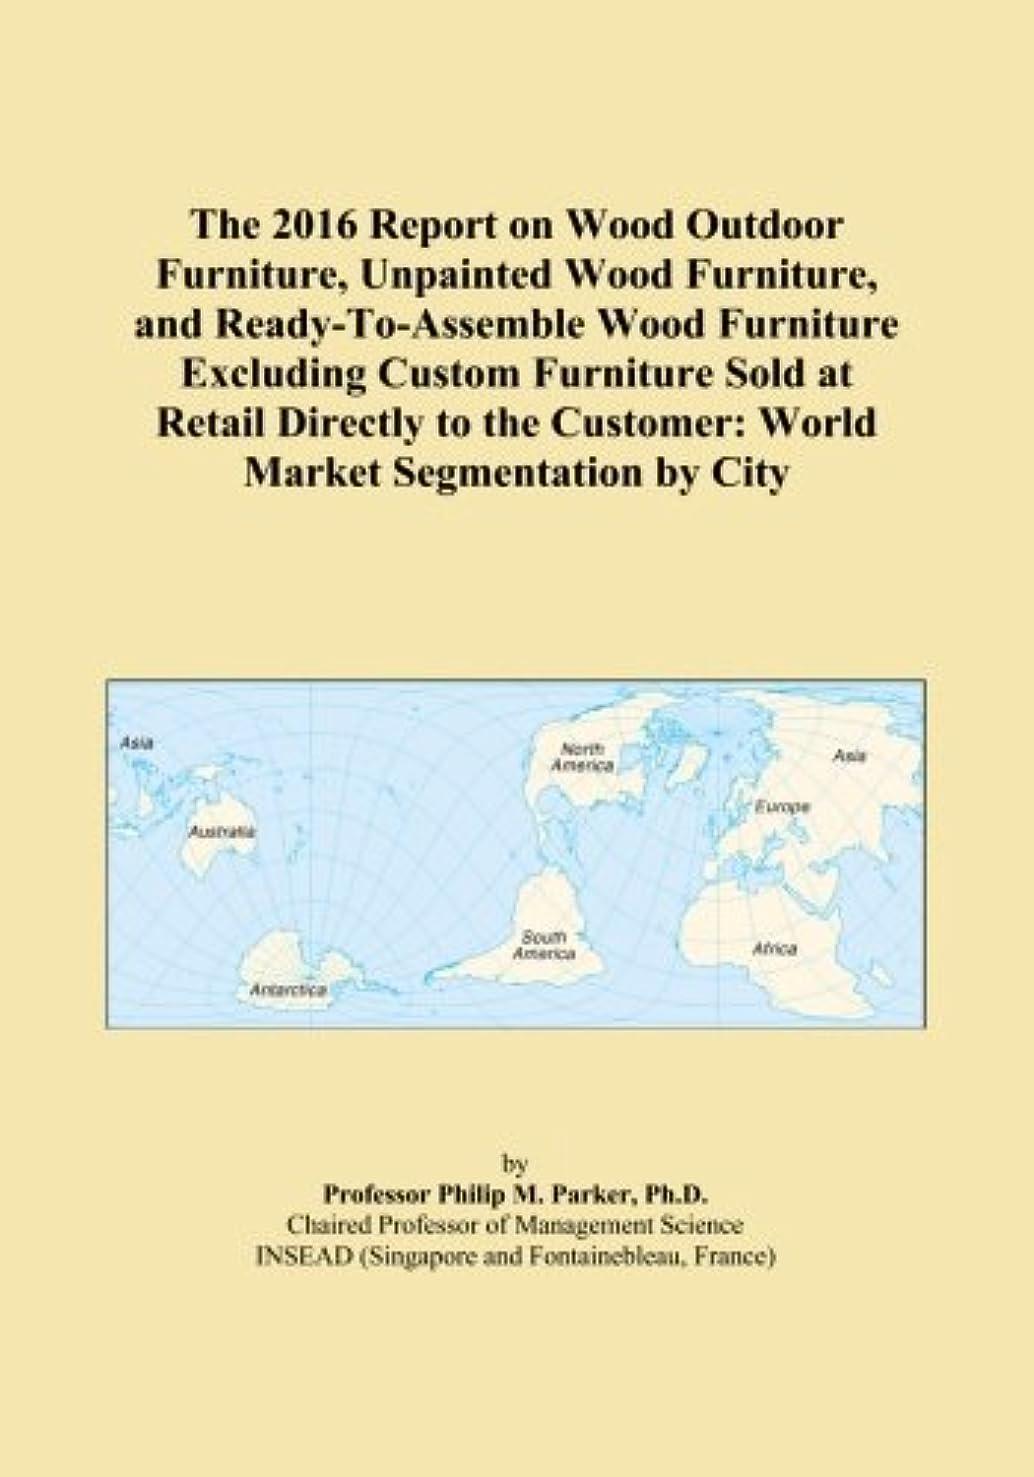 全員先見の明飢えThe 2016 Report on Wood Outdoor Furniture, Unpainted Wood Furniture, and Ready-To-Assemble Wood Furniture Excluding Custom Furniture Sold at Retail Directly to the Customer: World Market Segmentation by City